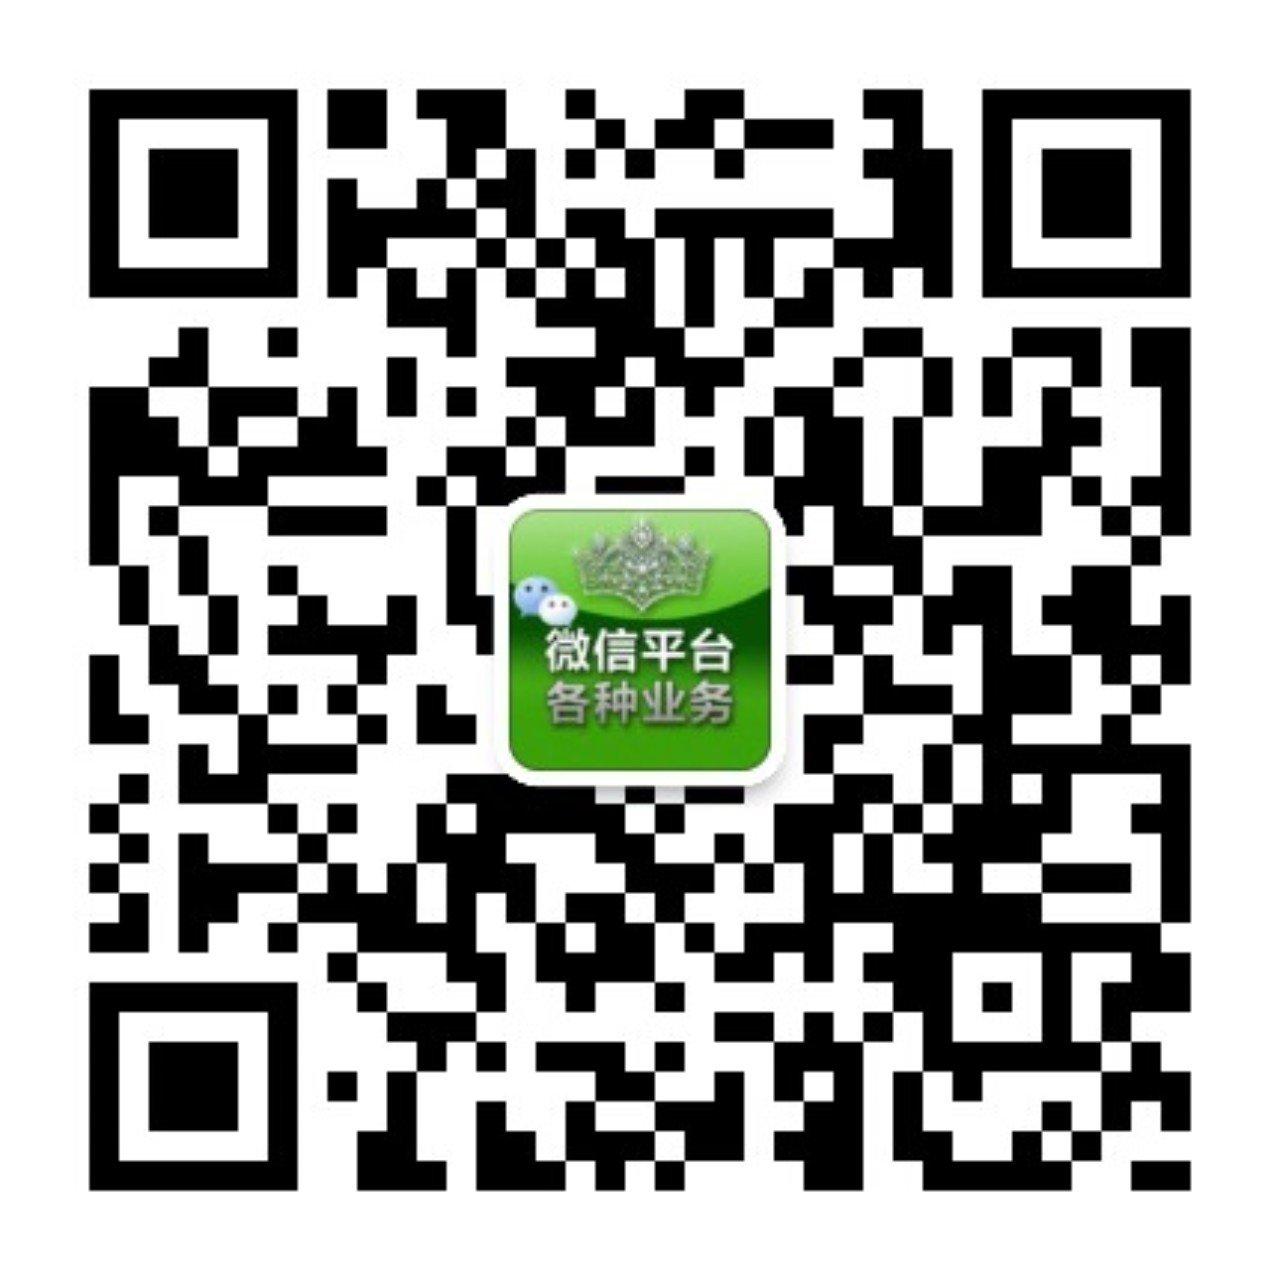 安利易联网奖金制度_微社区平台